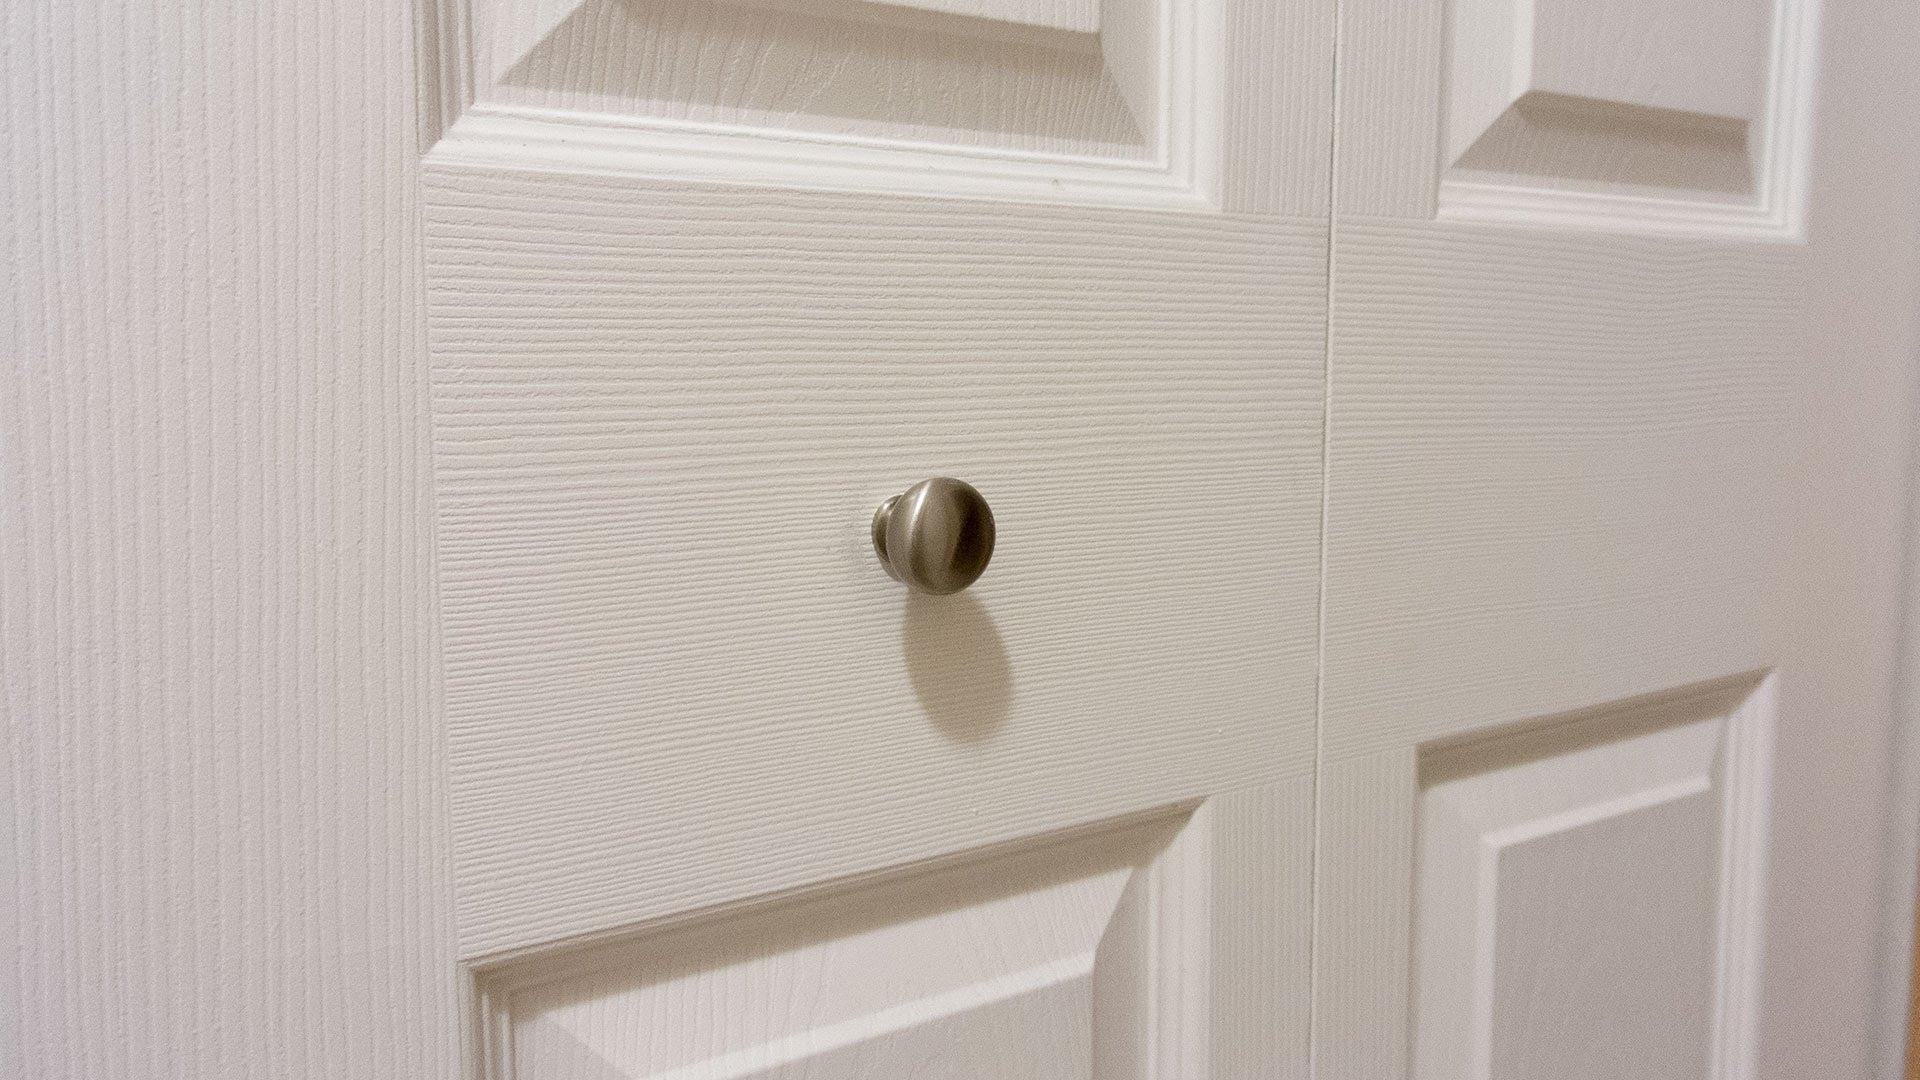 closet door knob photo - 1